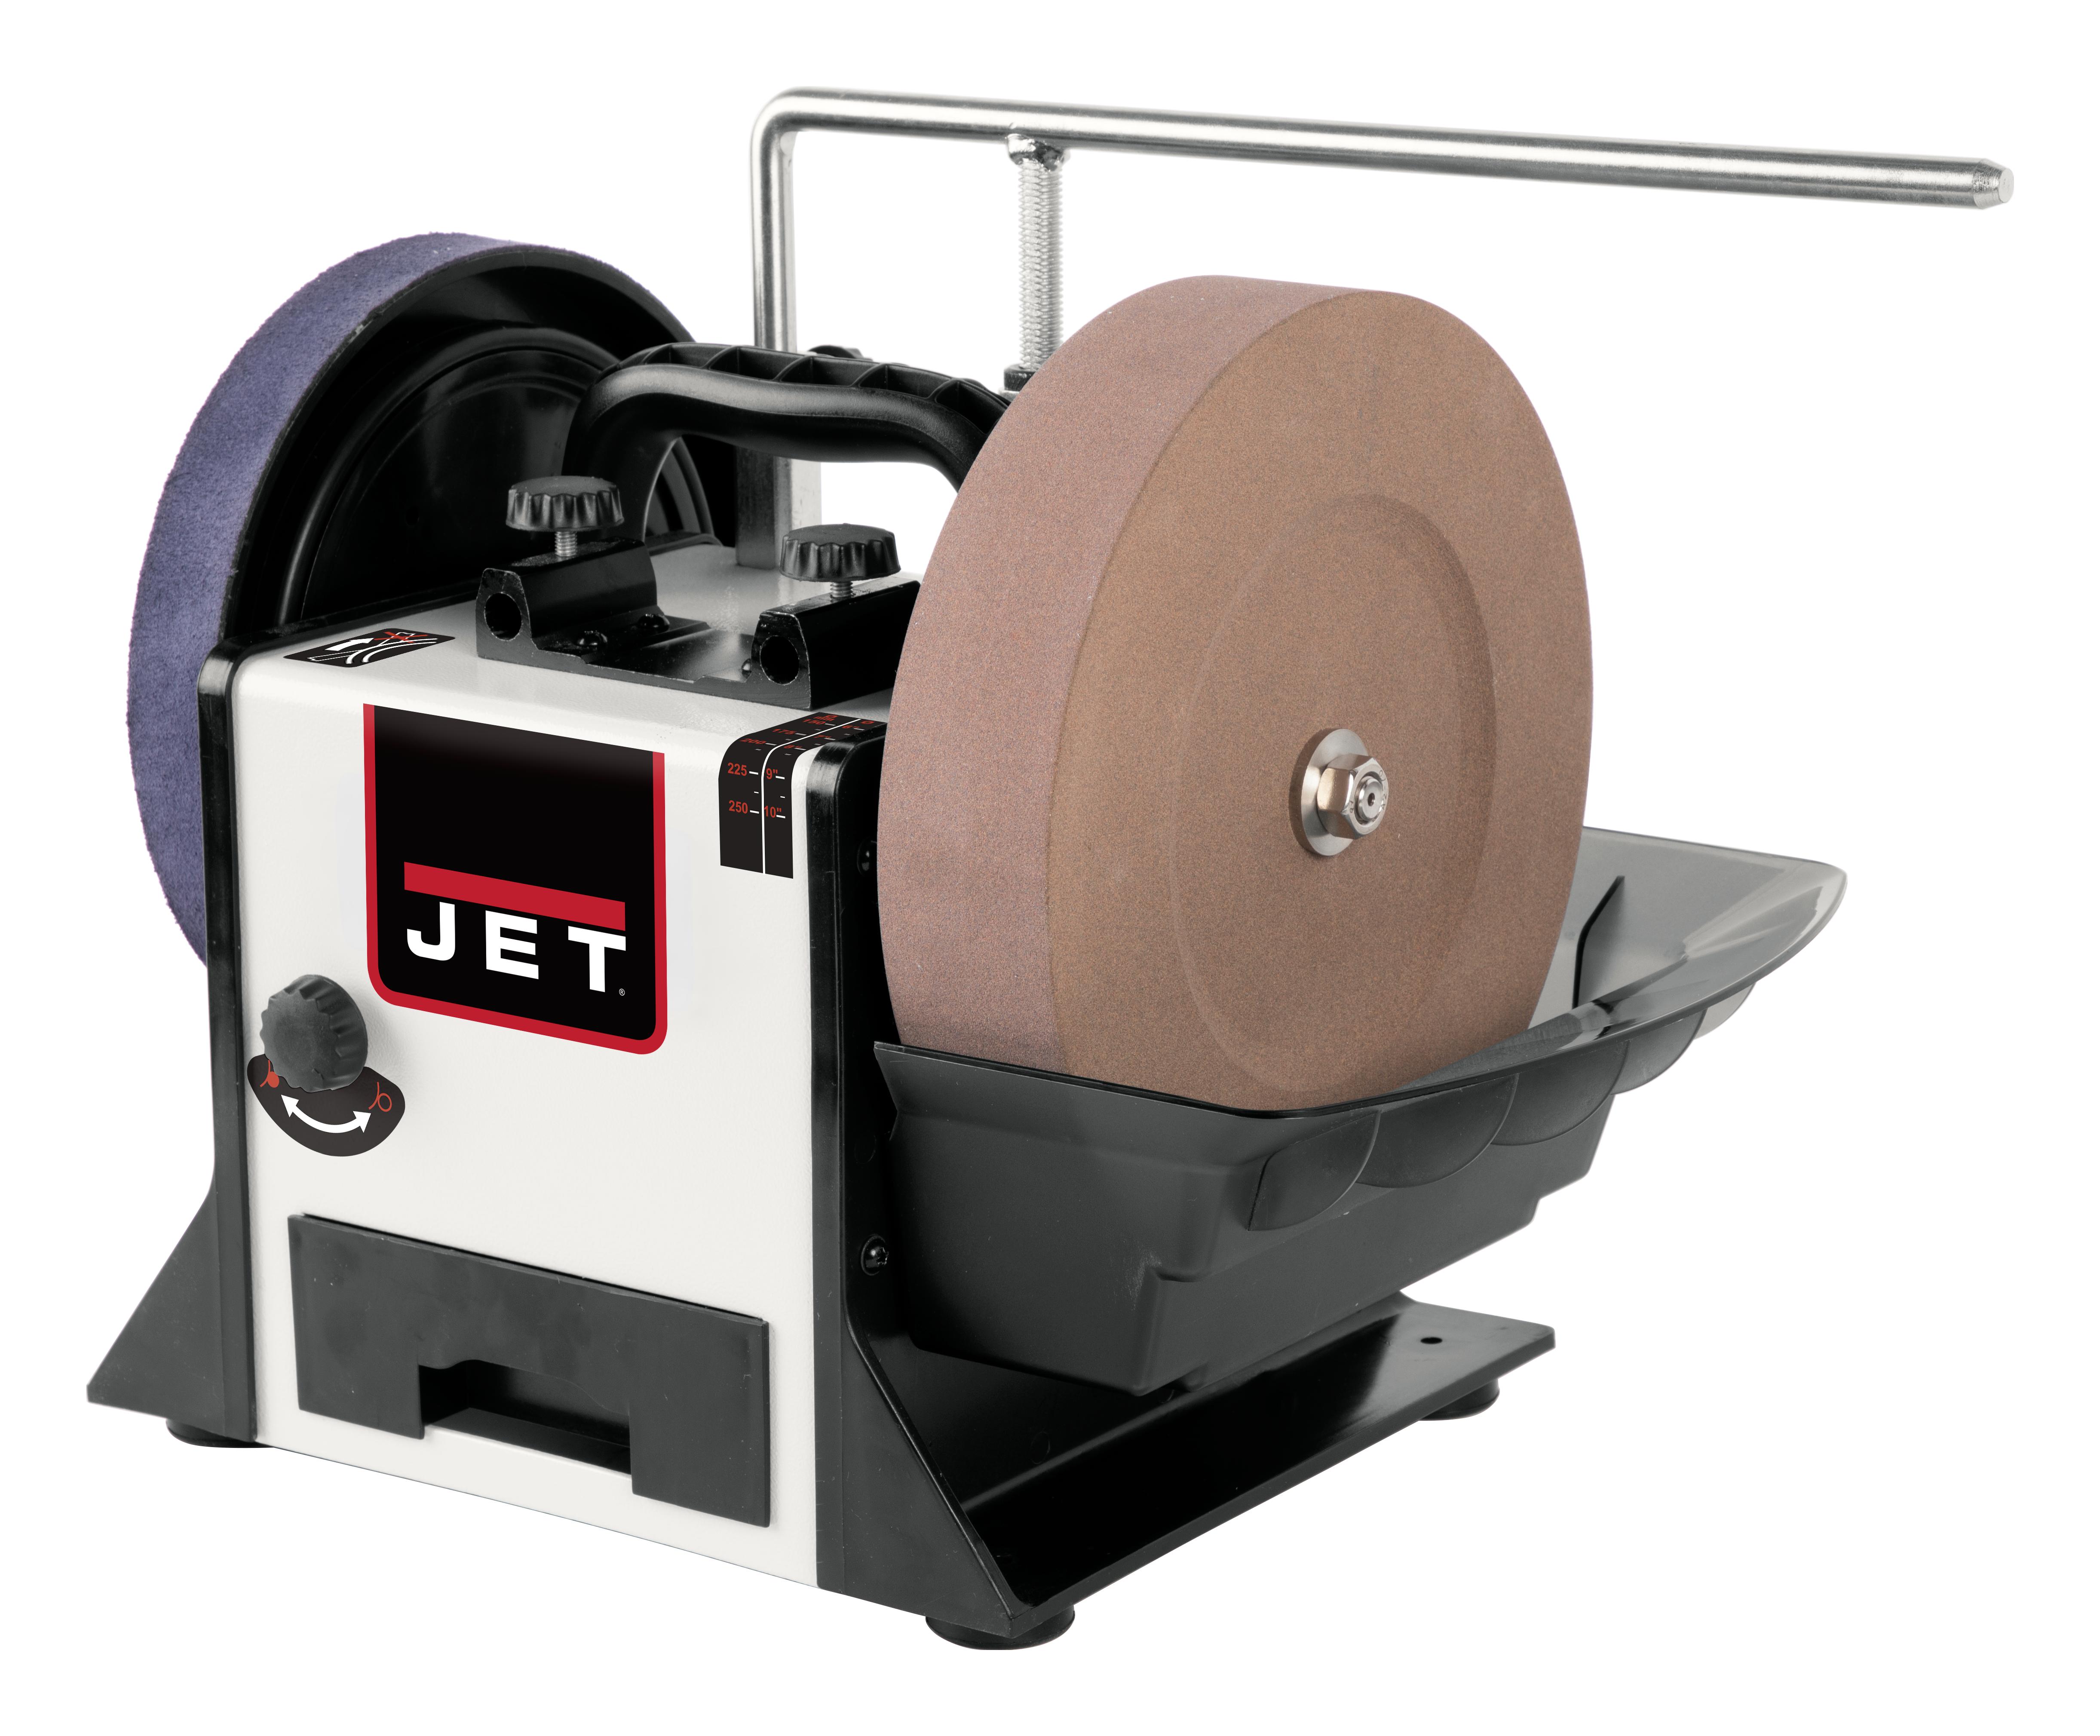 The Jet JWS-10 Variable Speed Wet Sharpener